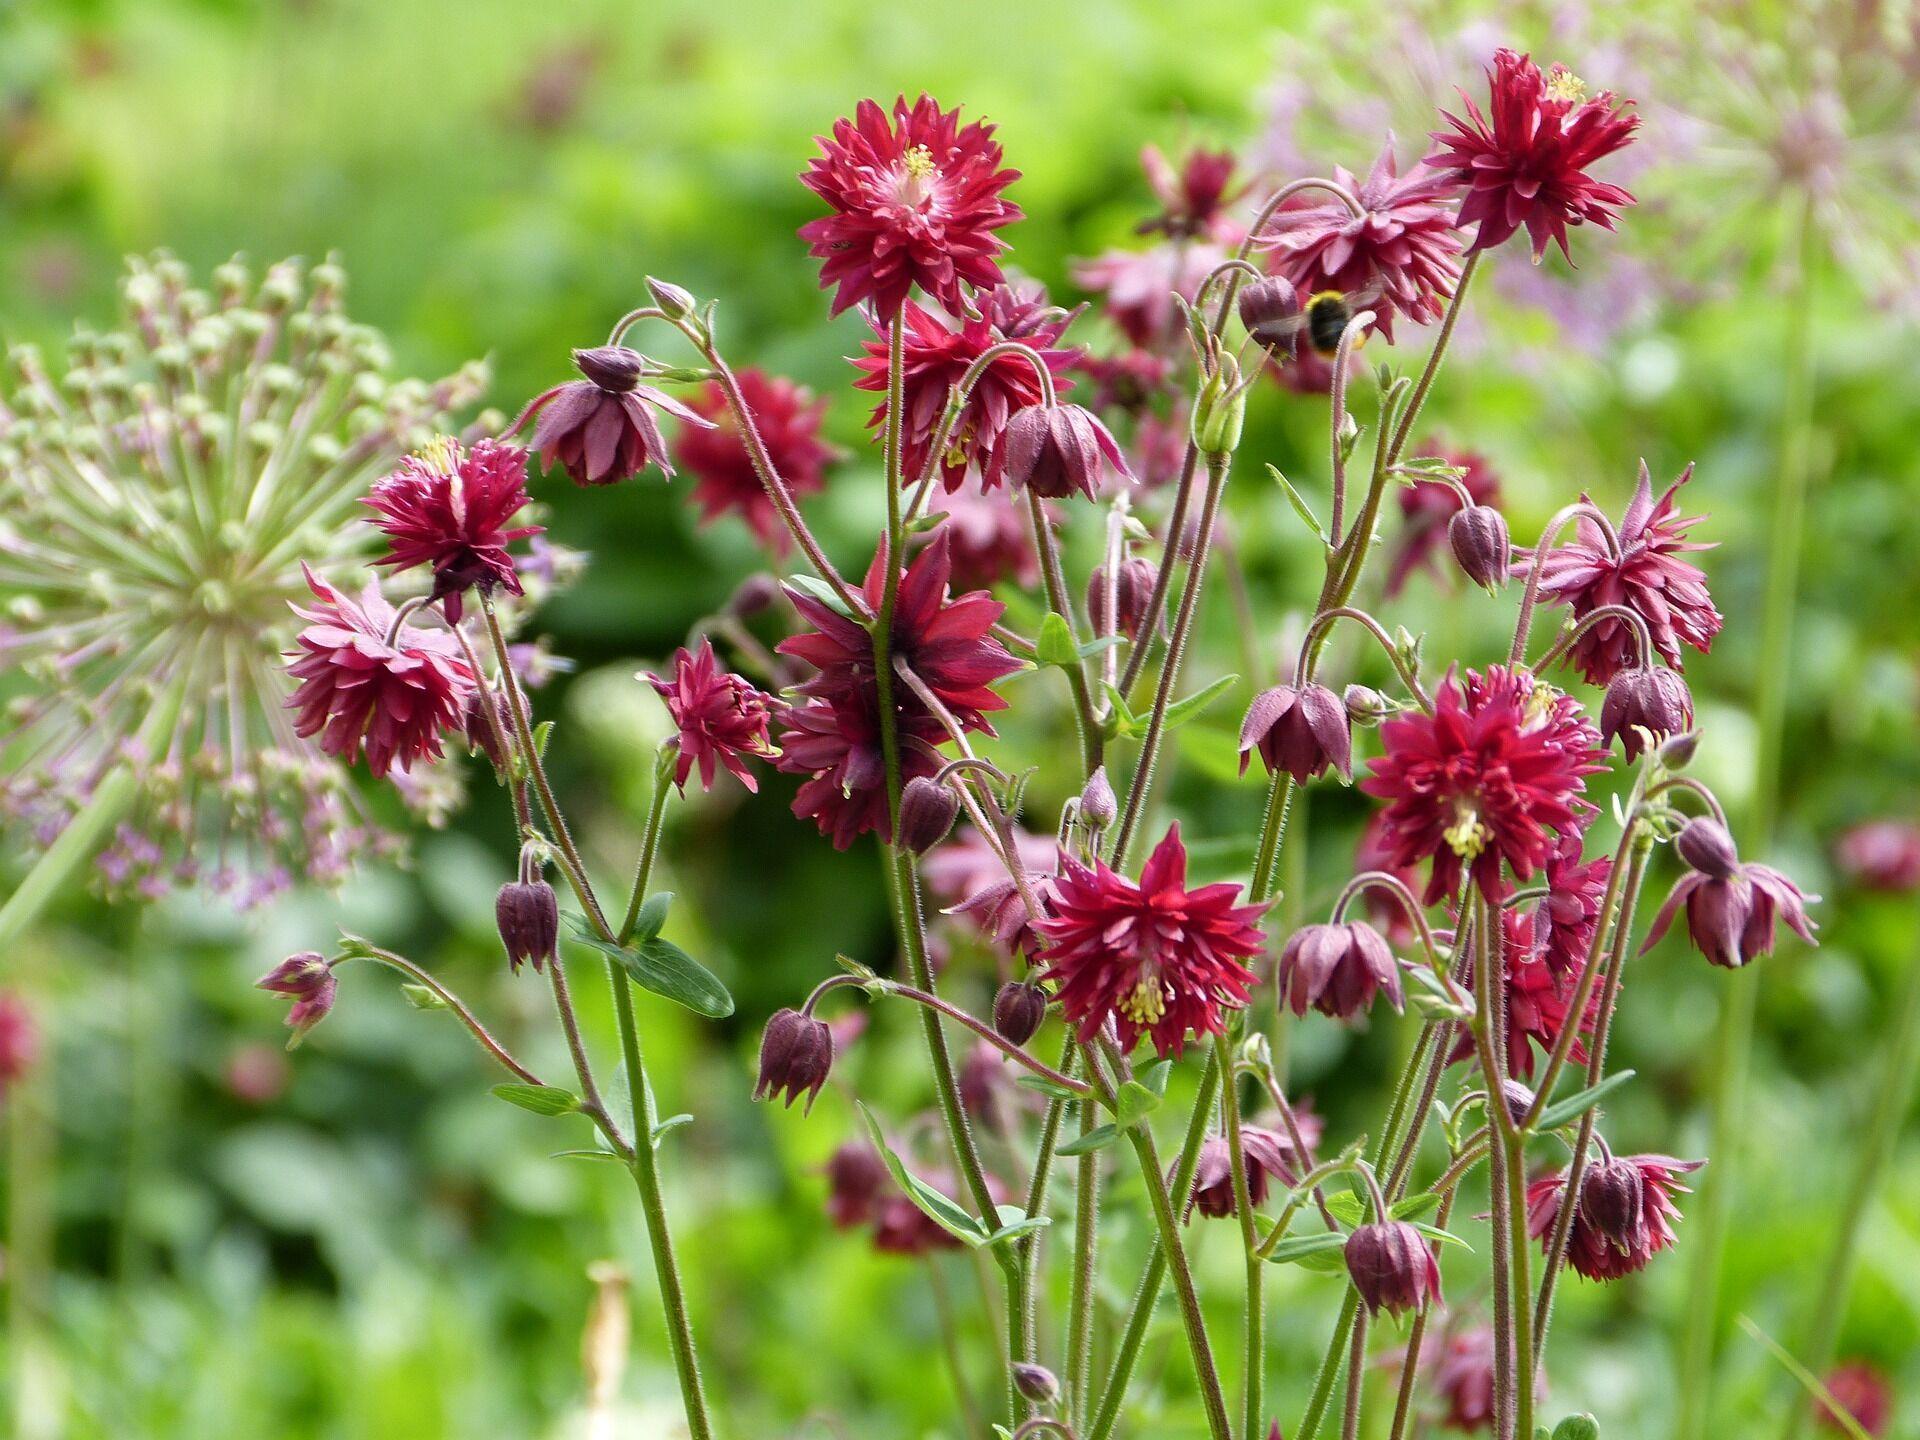 17 июня считается плохой приметой срывать цветы